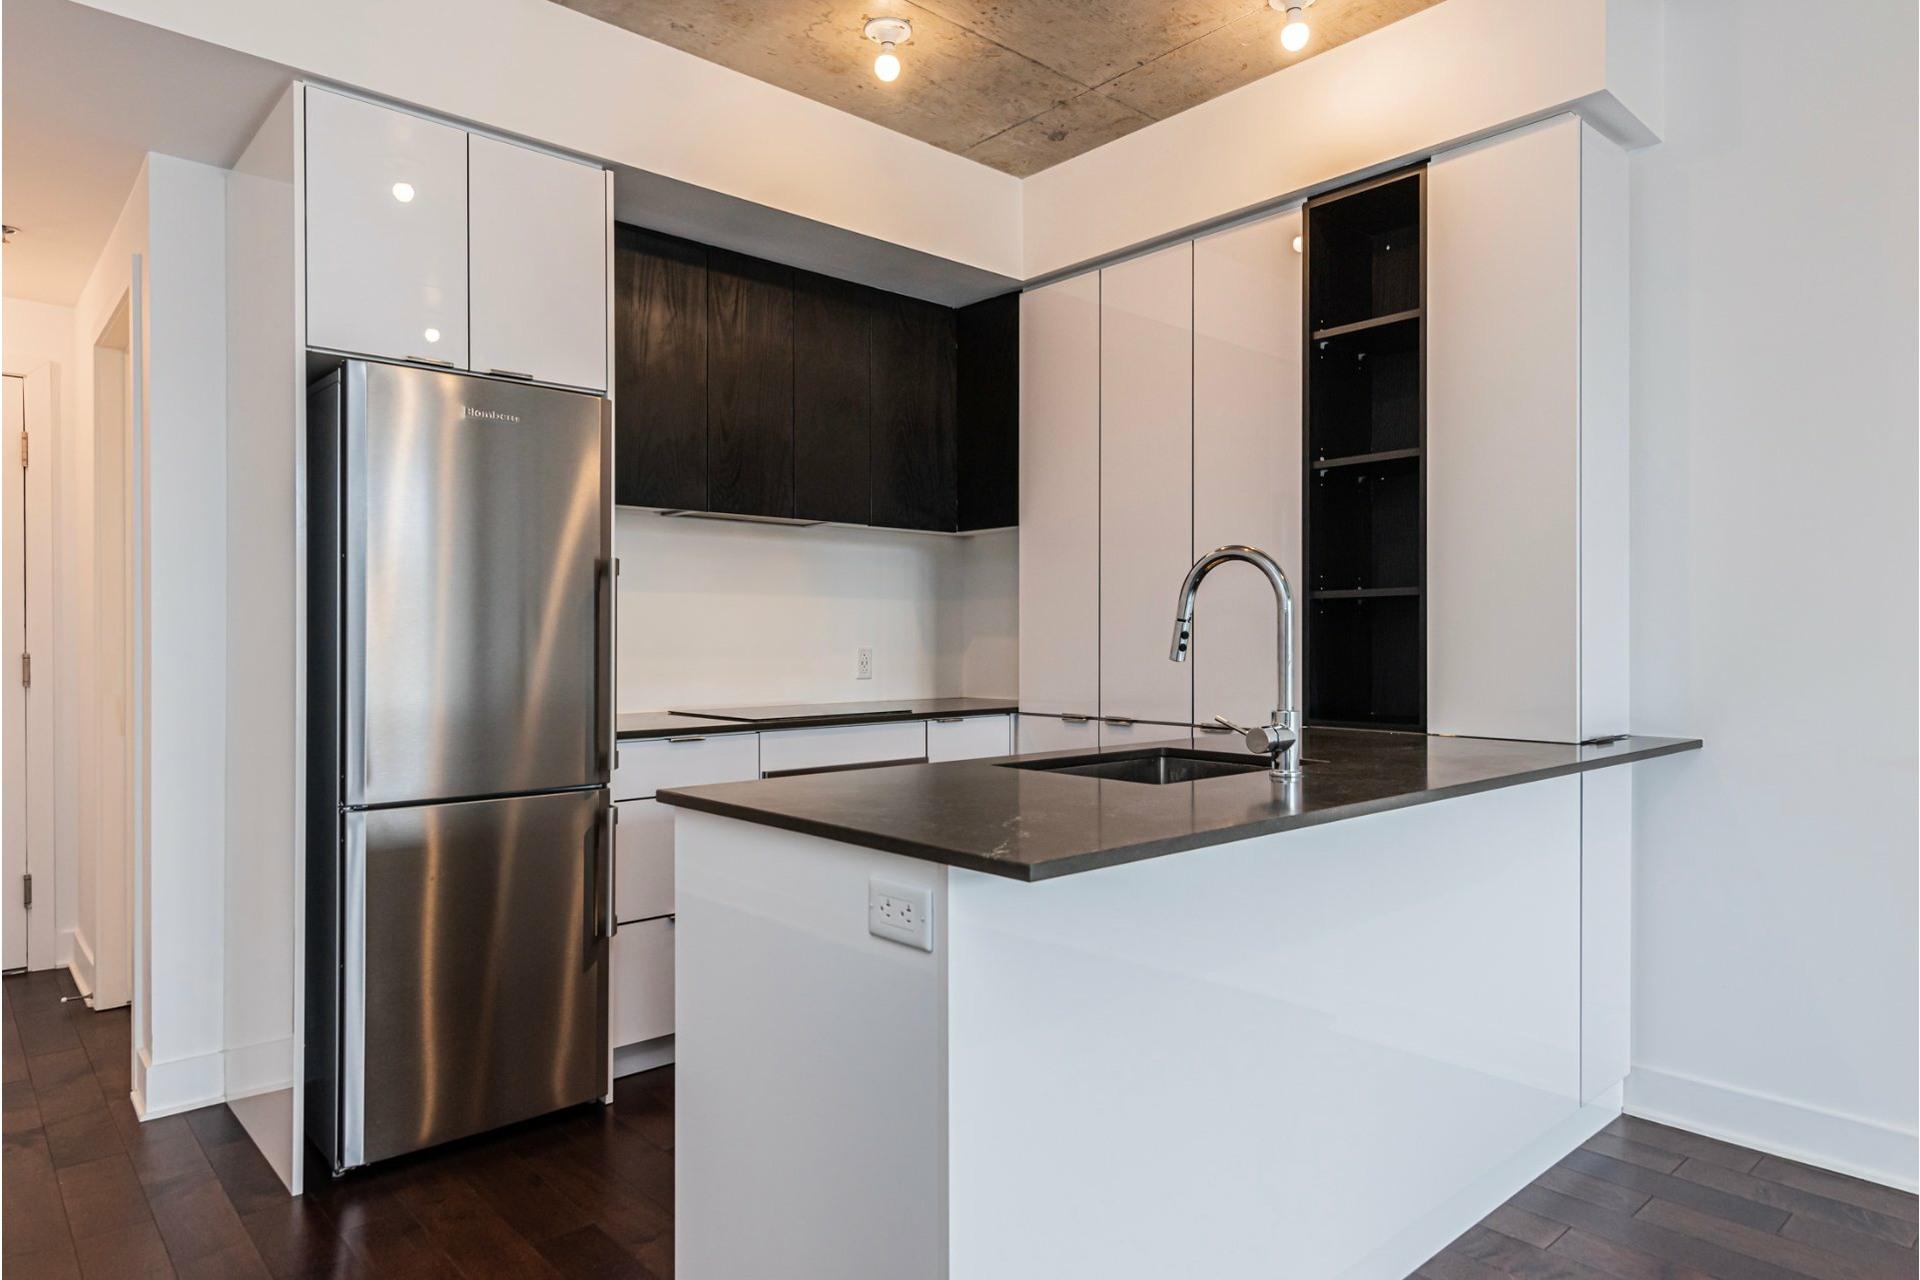 image 5 - Appartement À louer Côte-des-Neiges/Notre-Dame-de-Grâce Montréal  - 6 pièces